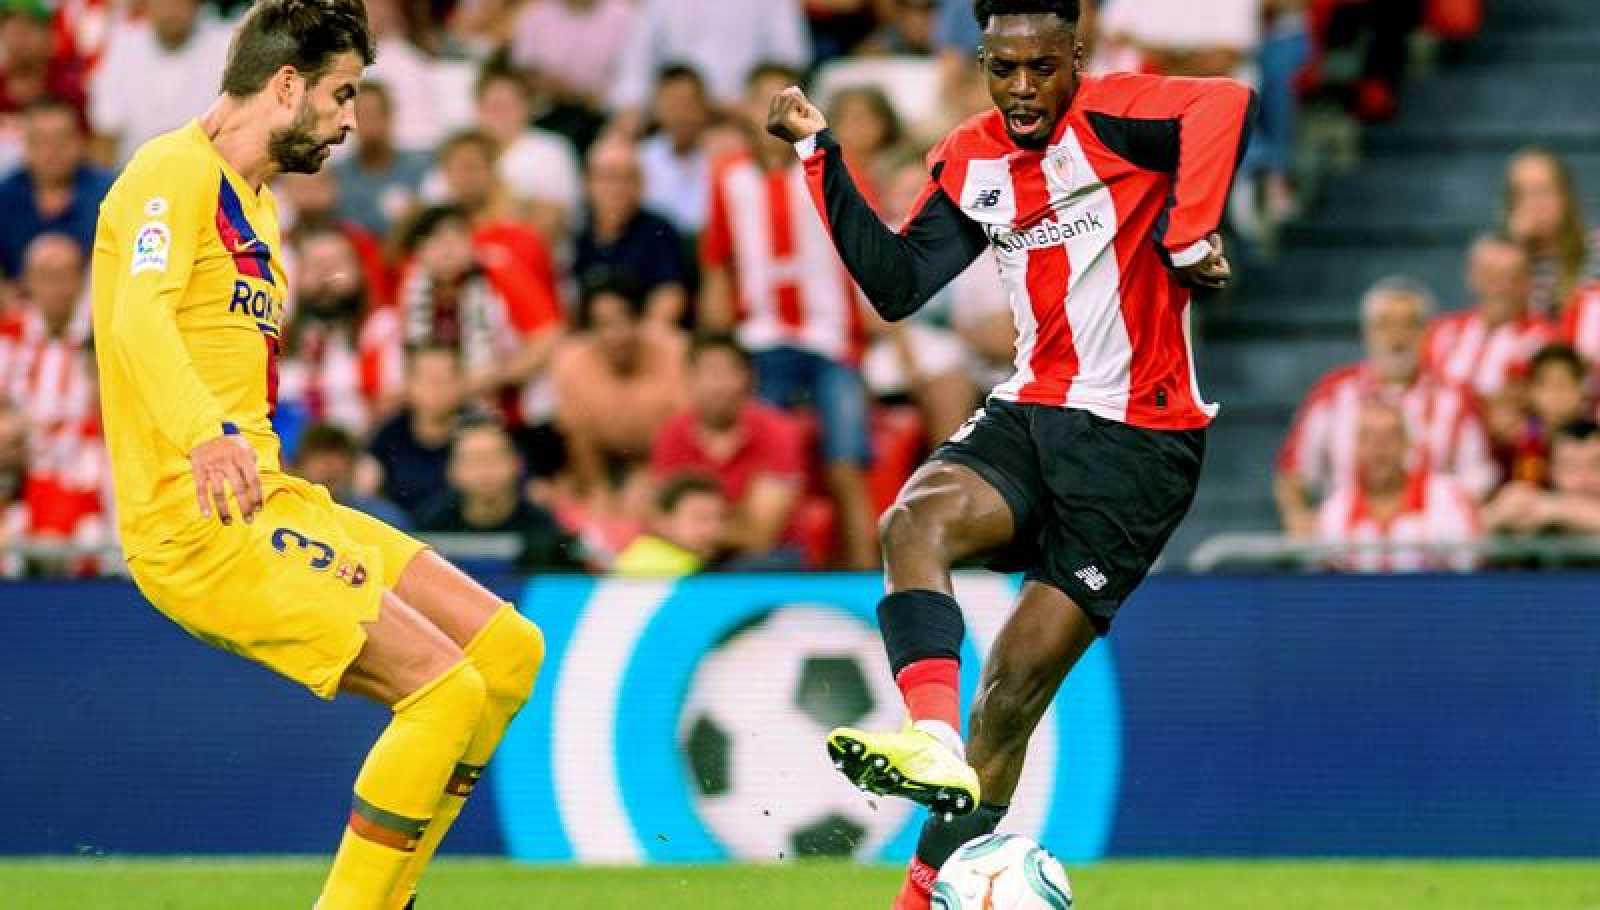 El jugador del Athletic Club de Bilbao Iñaki Williams (d) remata ante la oposición del central del FC Barcelona Gerard Piqué en el partido de Liga del 16/08/2019